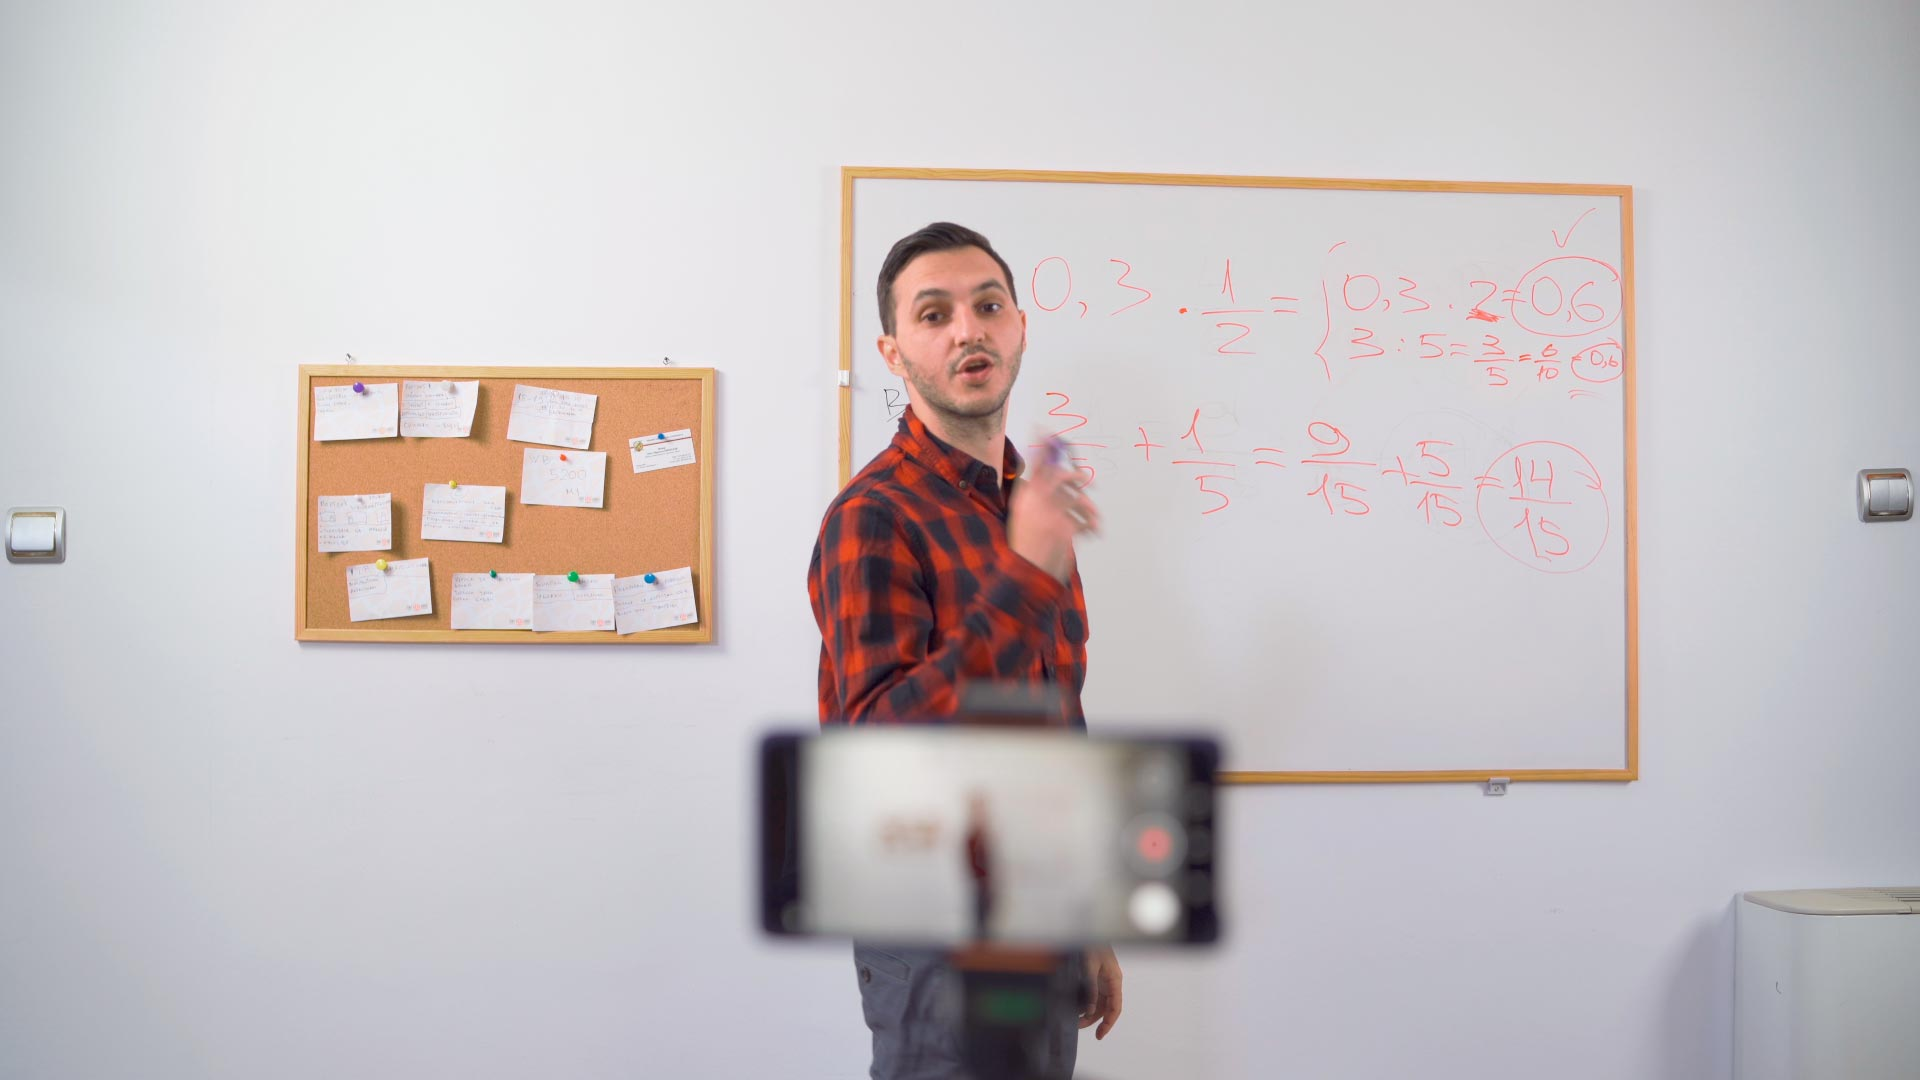 ▷ VÍDEO EDUCATIVO - Cómo hacerlo - Tipos de audiovisuales 2021